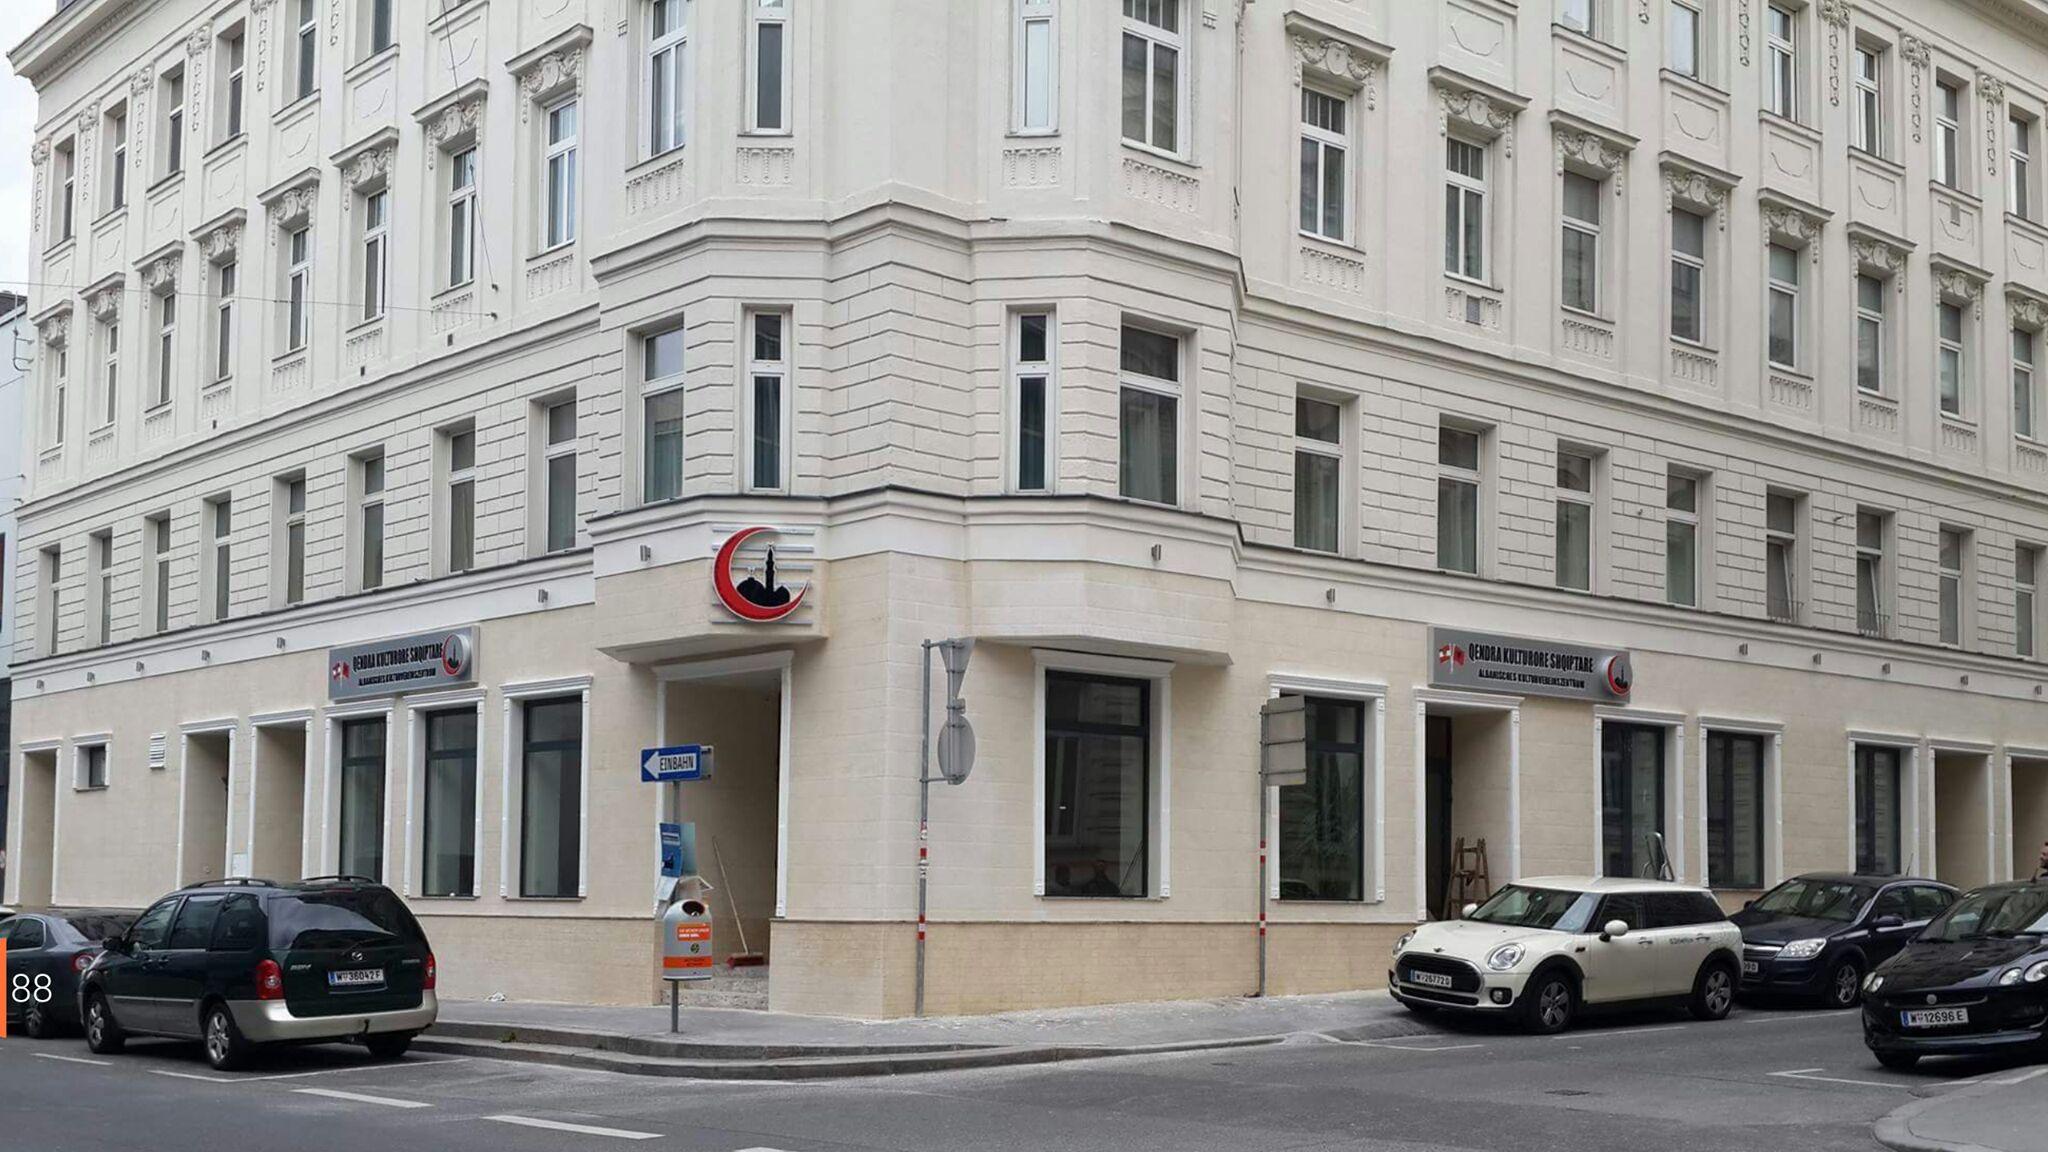 Qendra Kulturore Shqiptare